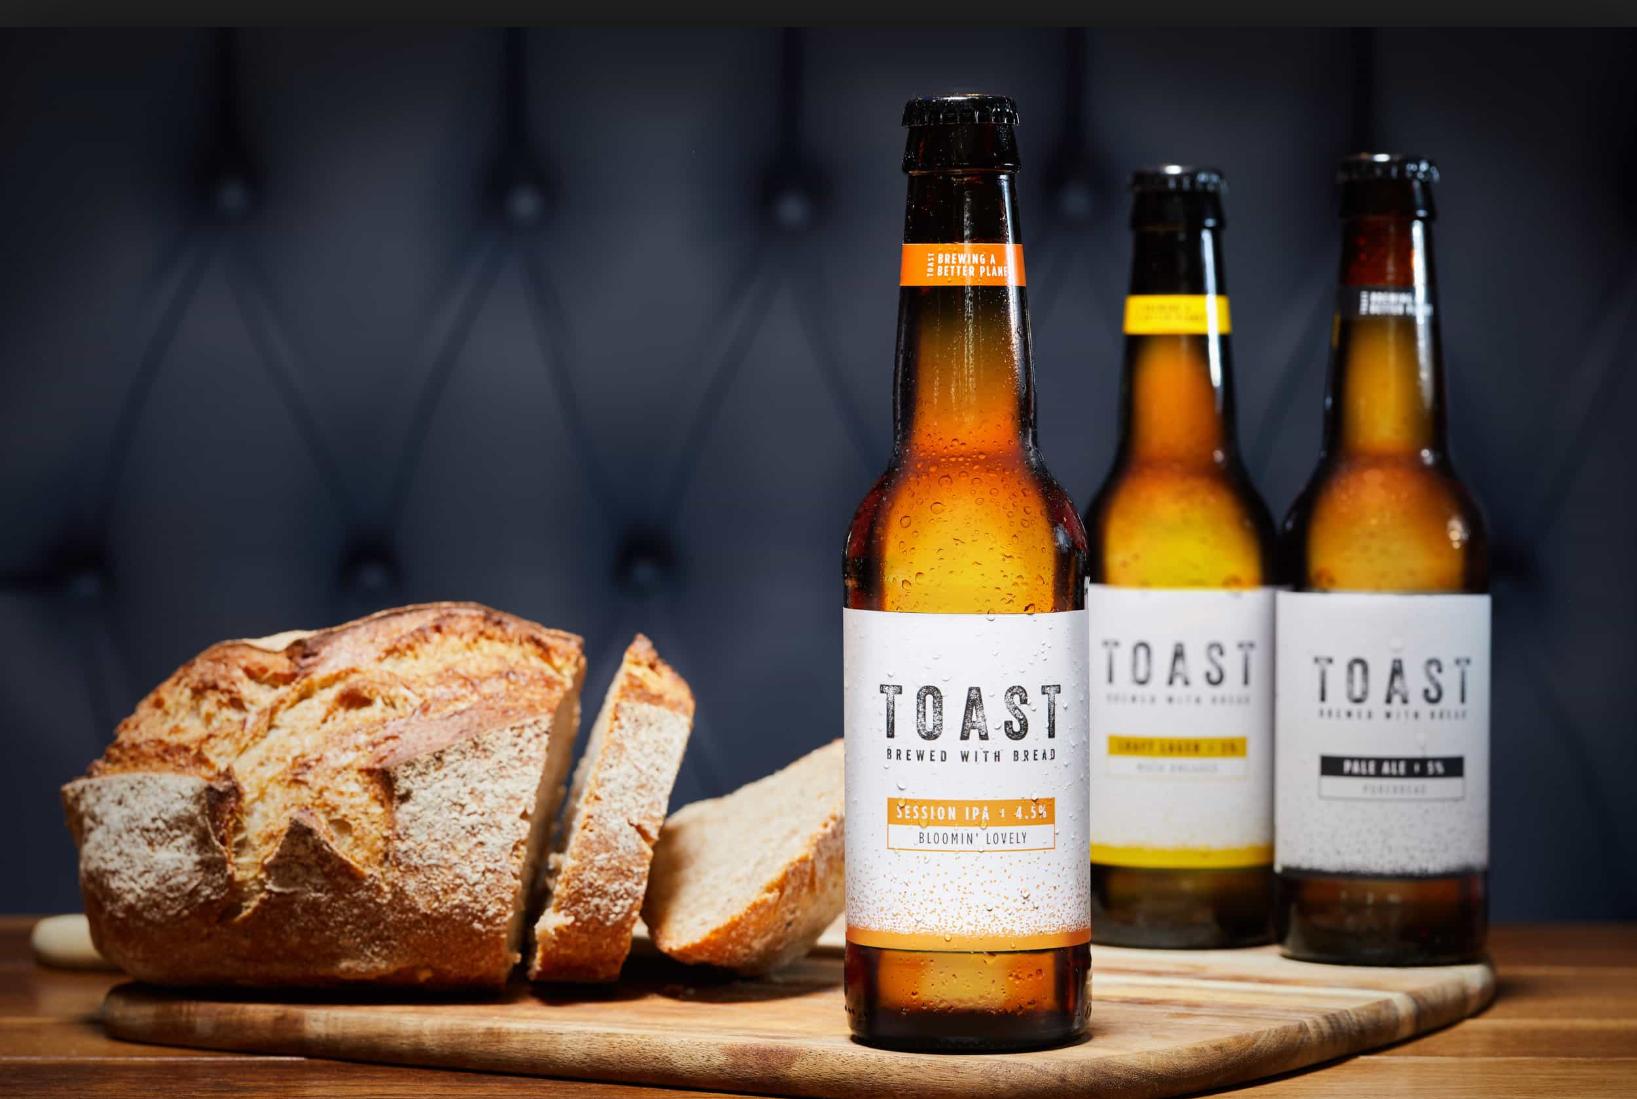 Photo: Toast Ale